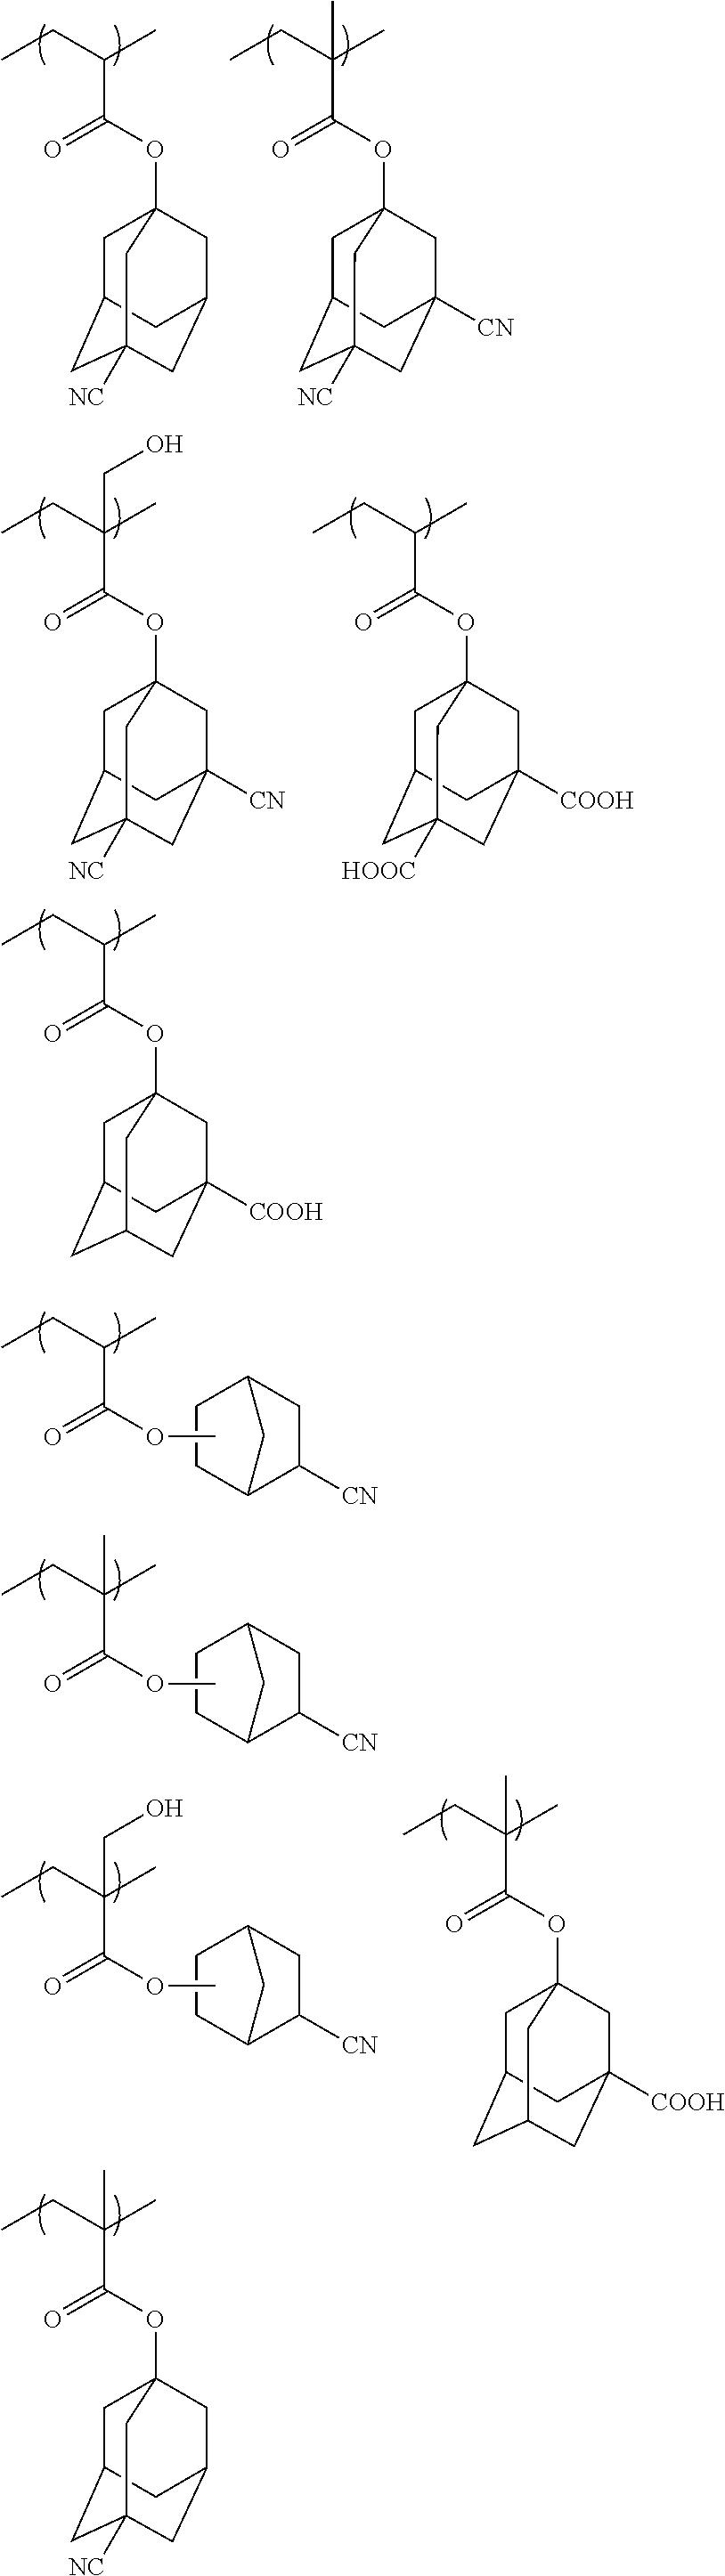 Figure US08476001-20130702-C00036